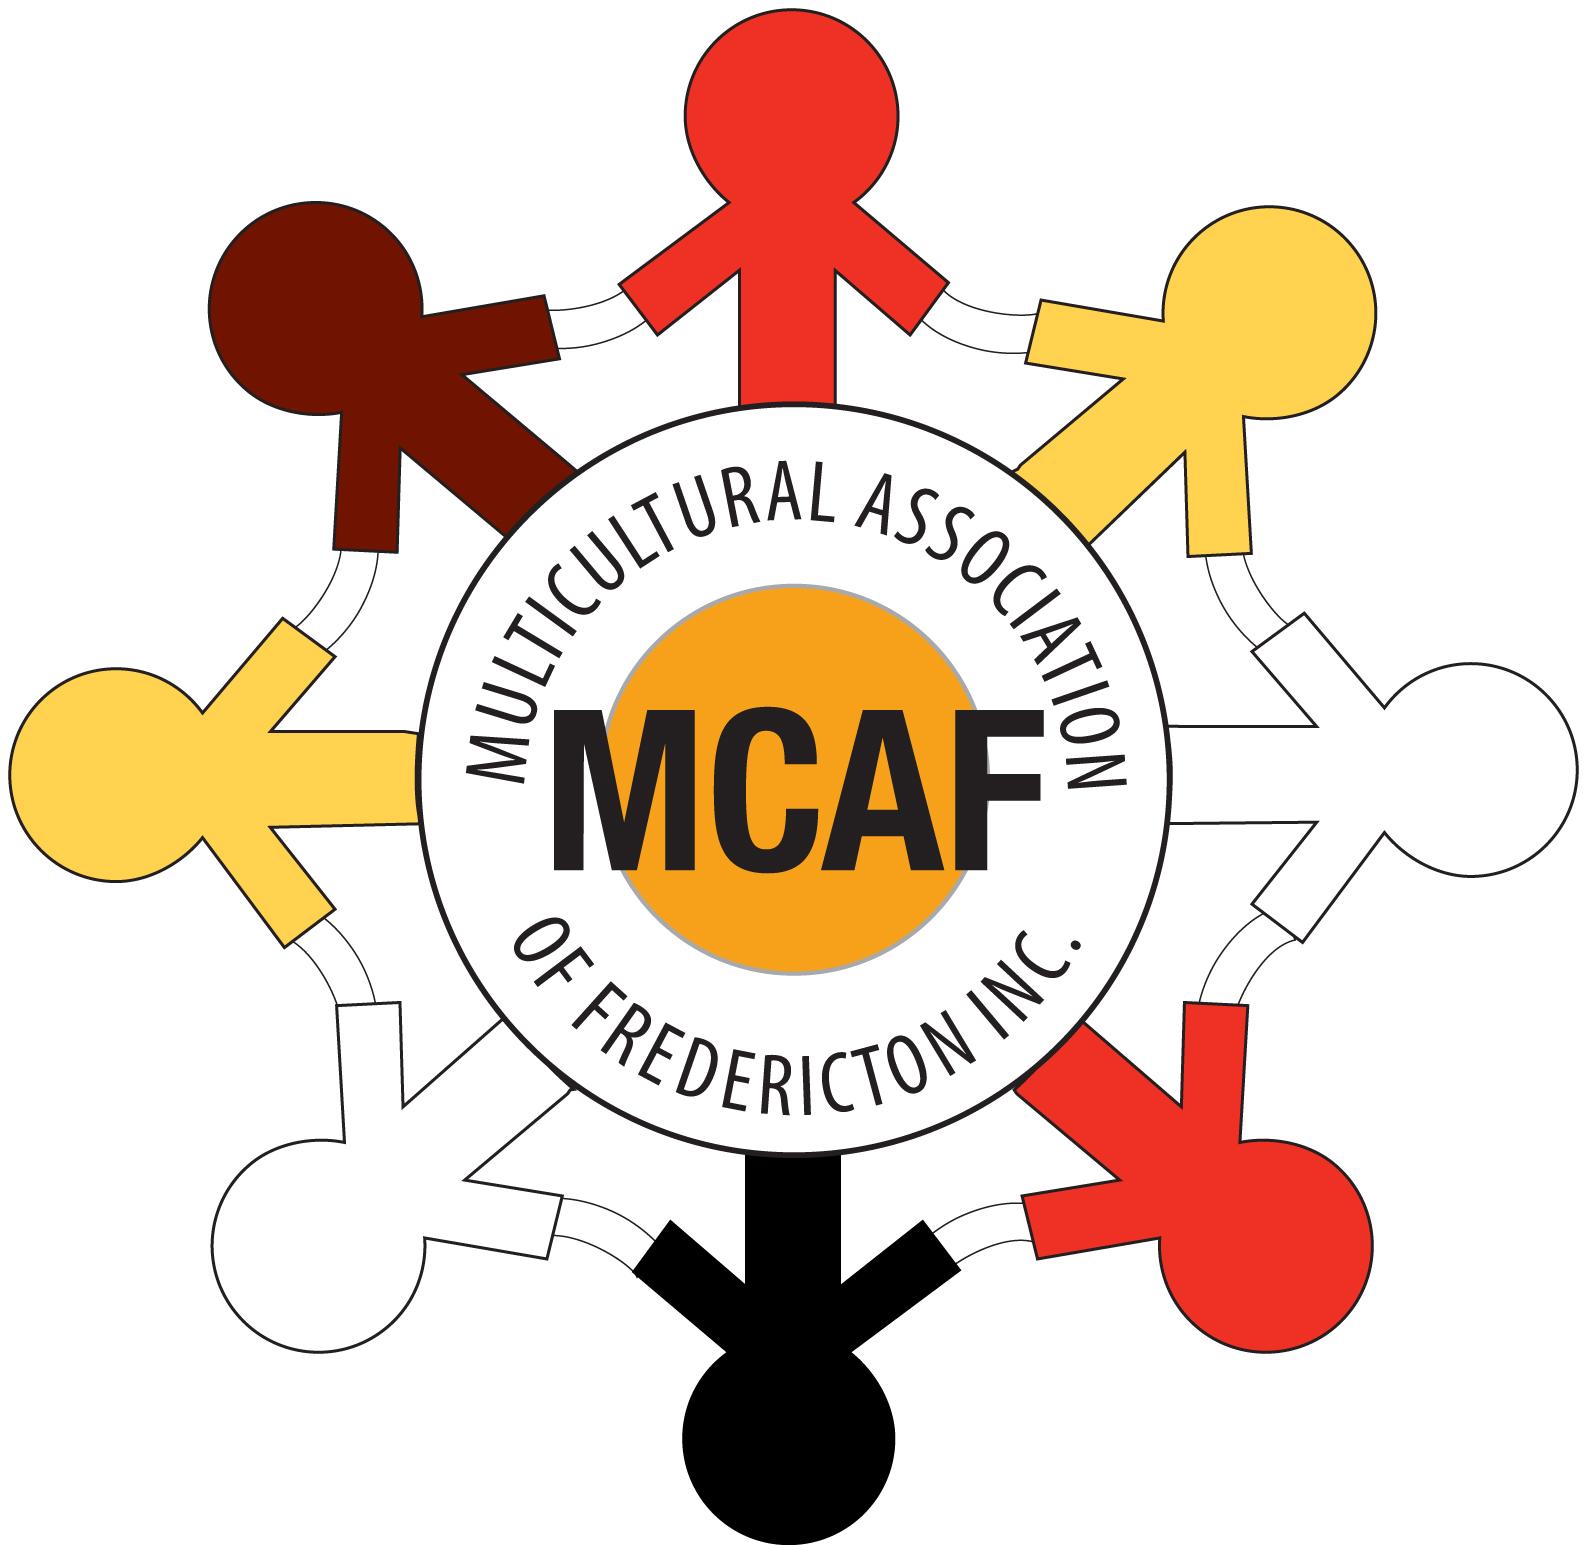 47737403_mca_logo_eng.jpg